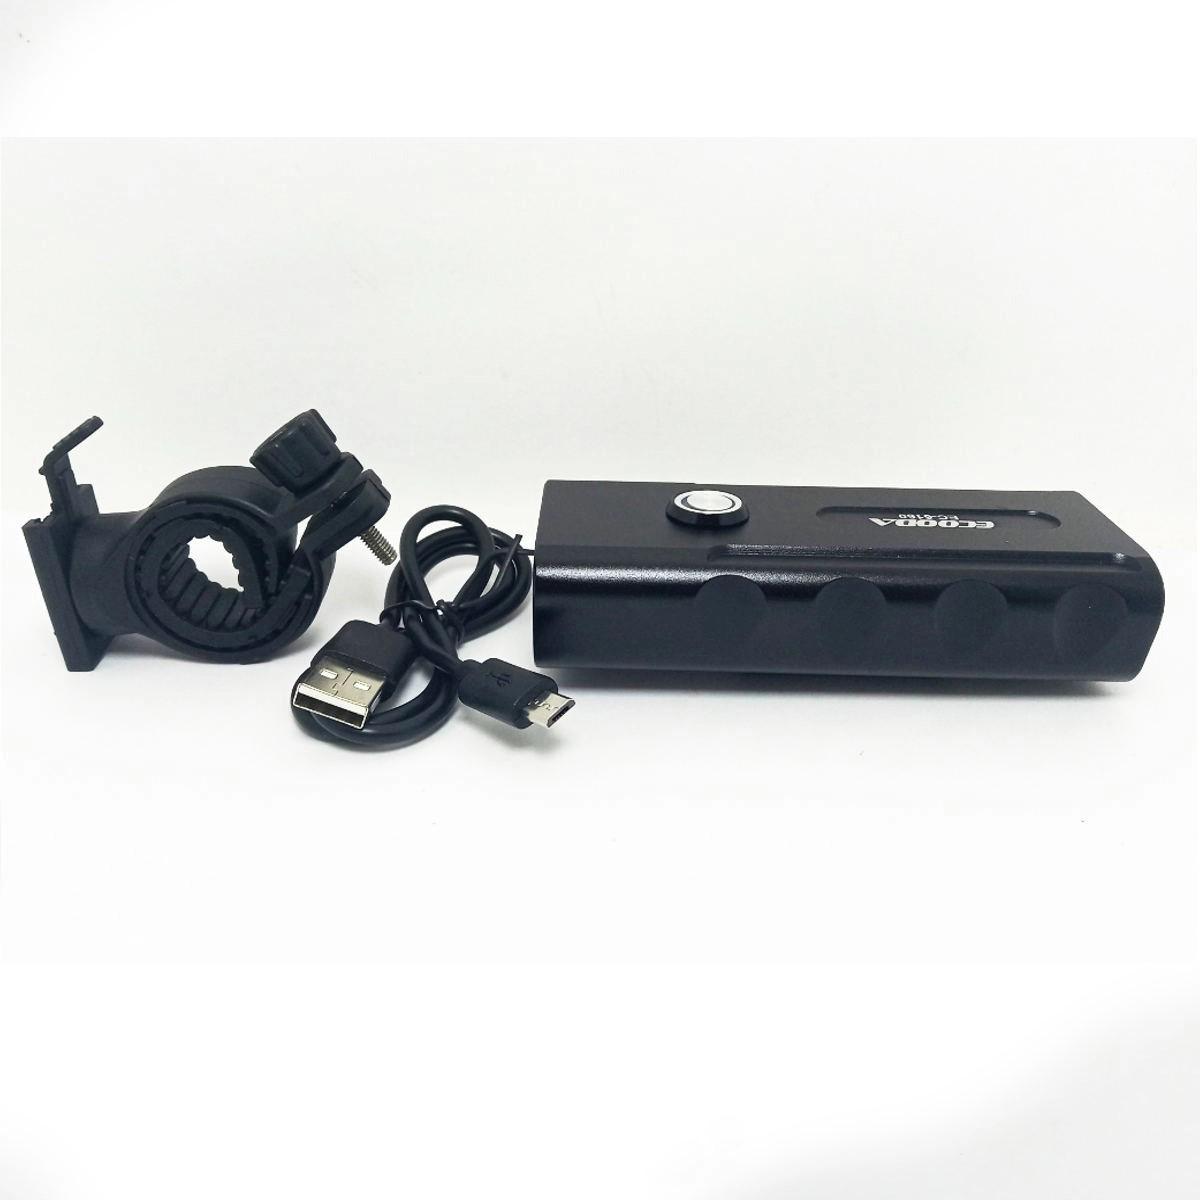 FAROL BIKE ECOODA BX3 EC-6160 3 LEDS RECARREGÁVEL USB